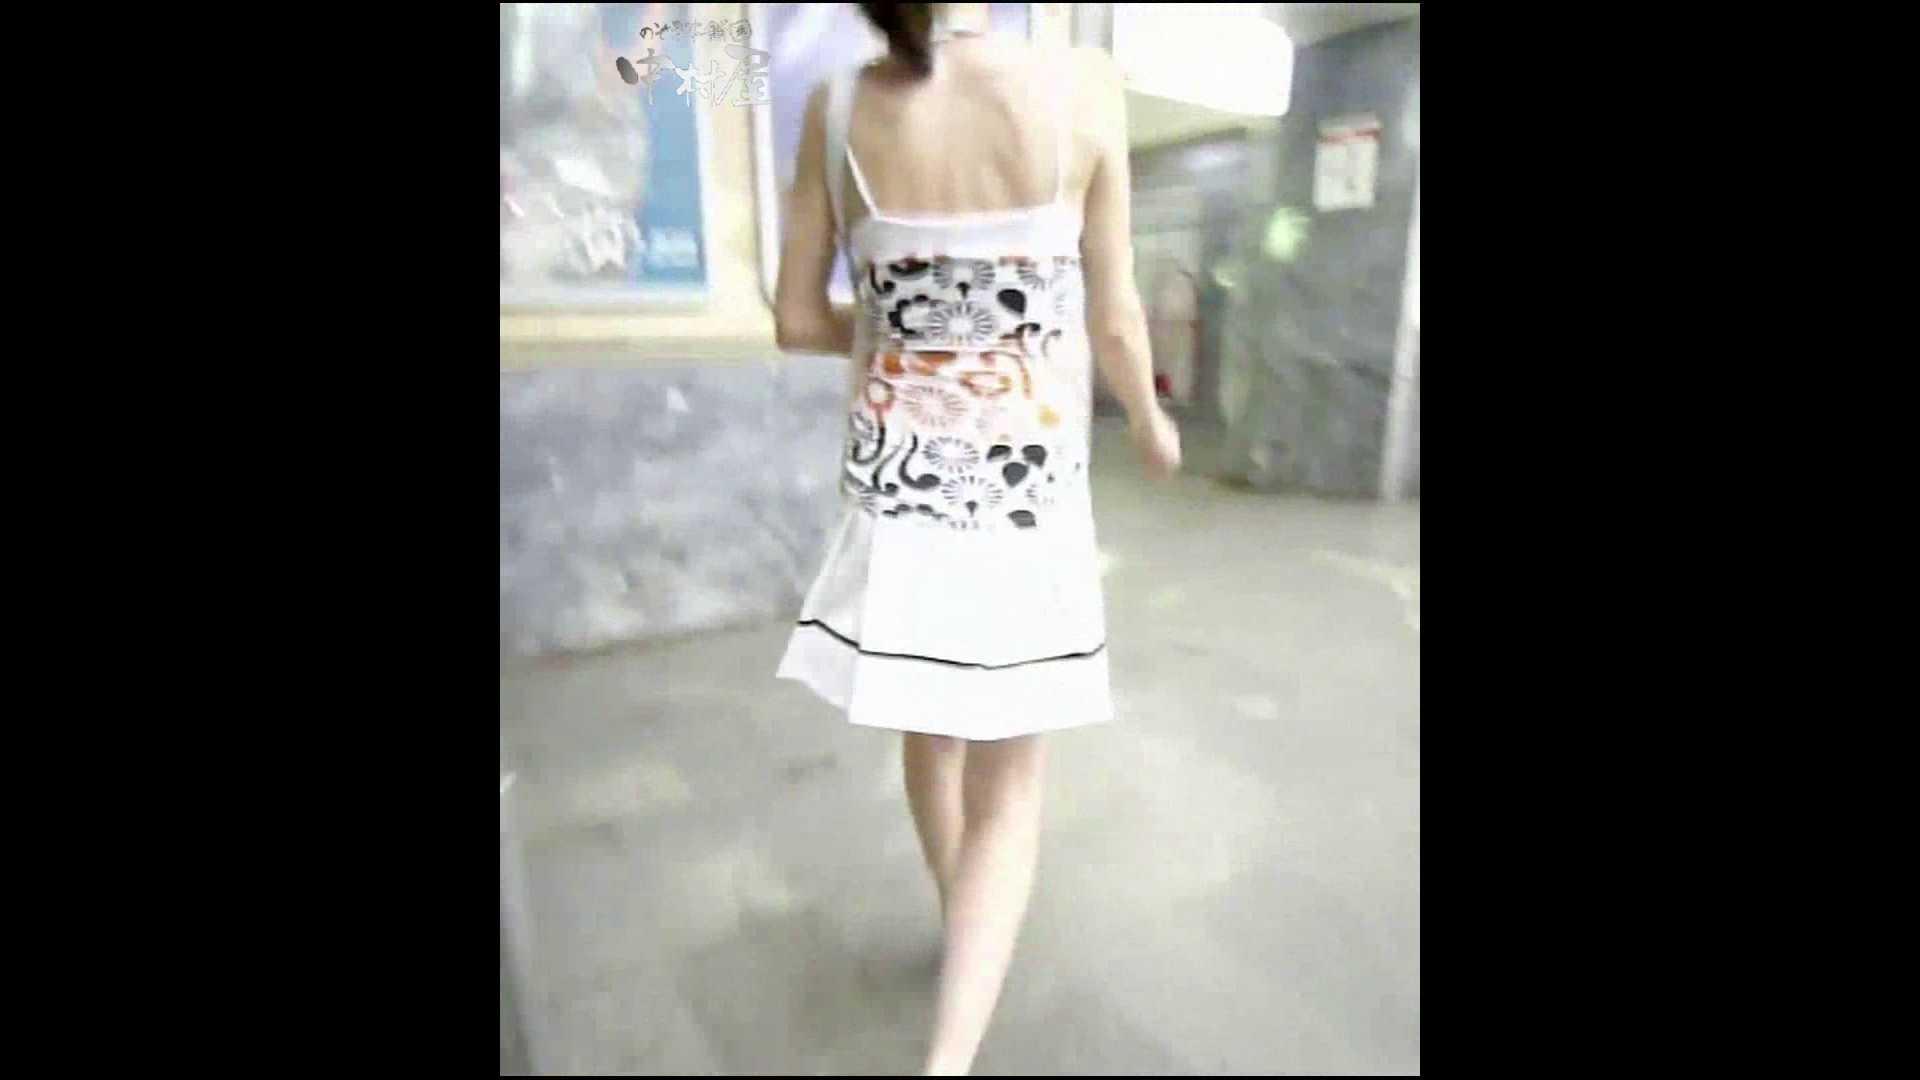 綺麗なモデルさんのスカート捲っちゃおう‼ vol28 お姉さんのエロ動画 | 0  111PIX 29